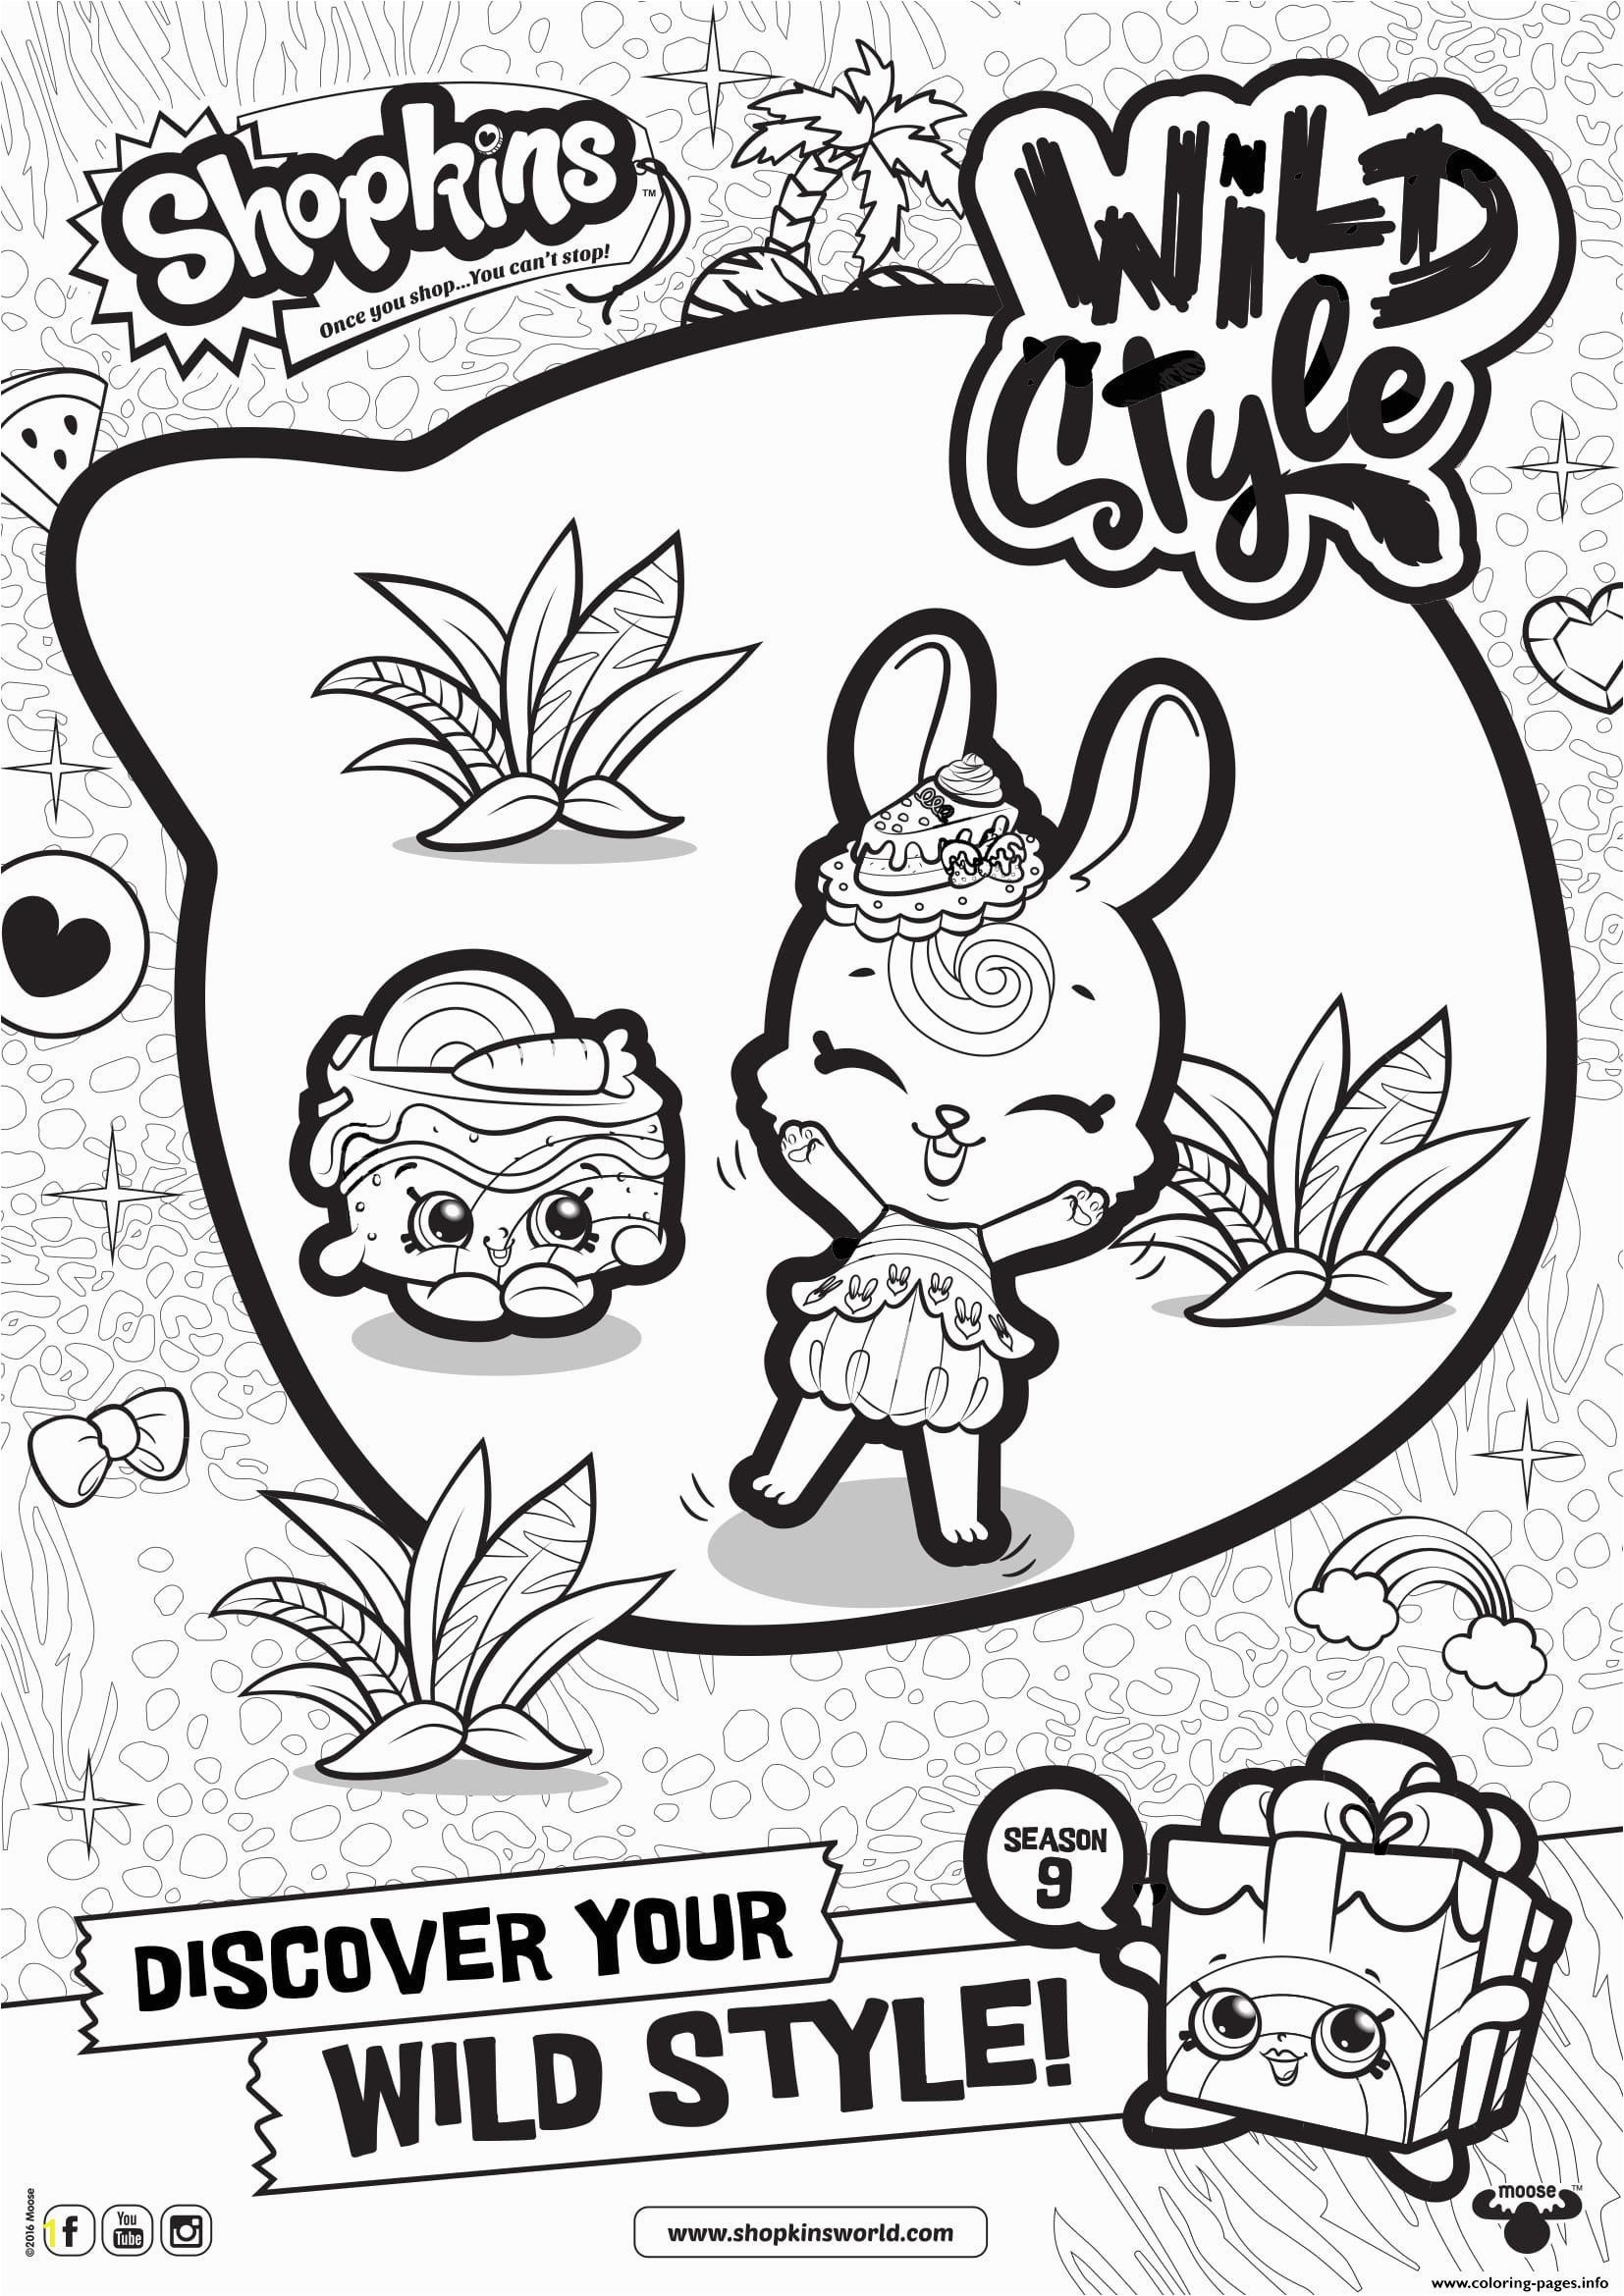 c999ff47f465d de28 shopkins season 9 wild style 4 coloring pages printable 1654 2339